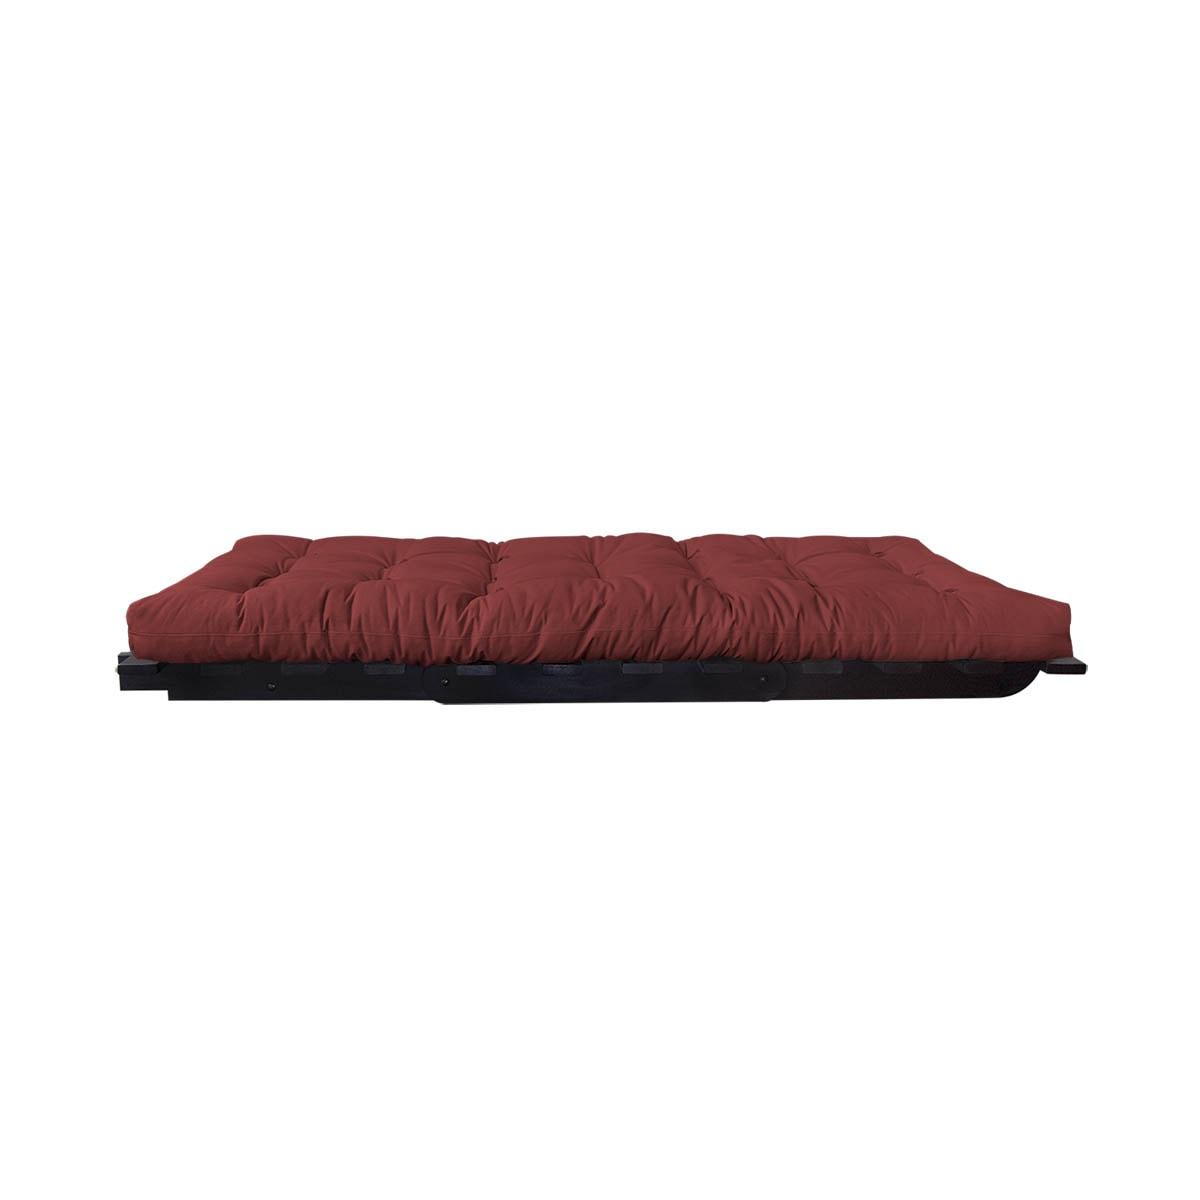 Sofa cama de madeira futon company for Sofa cama para exterior